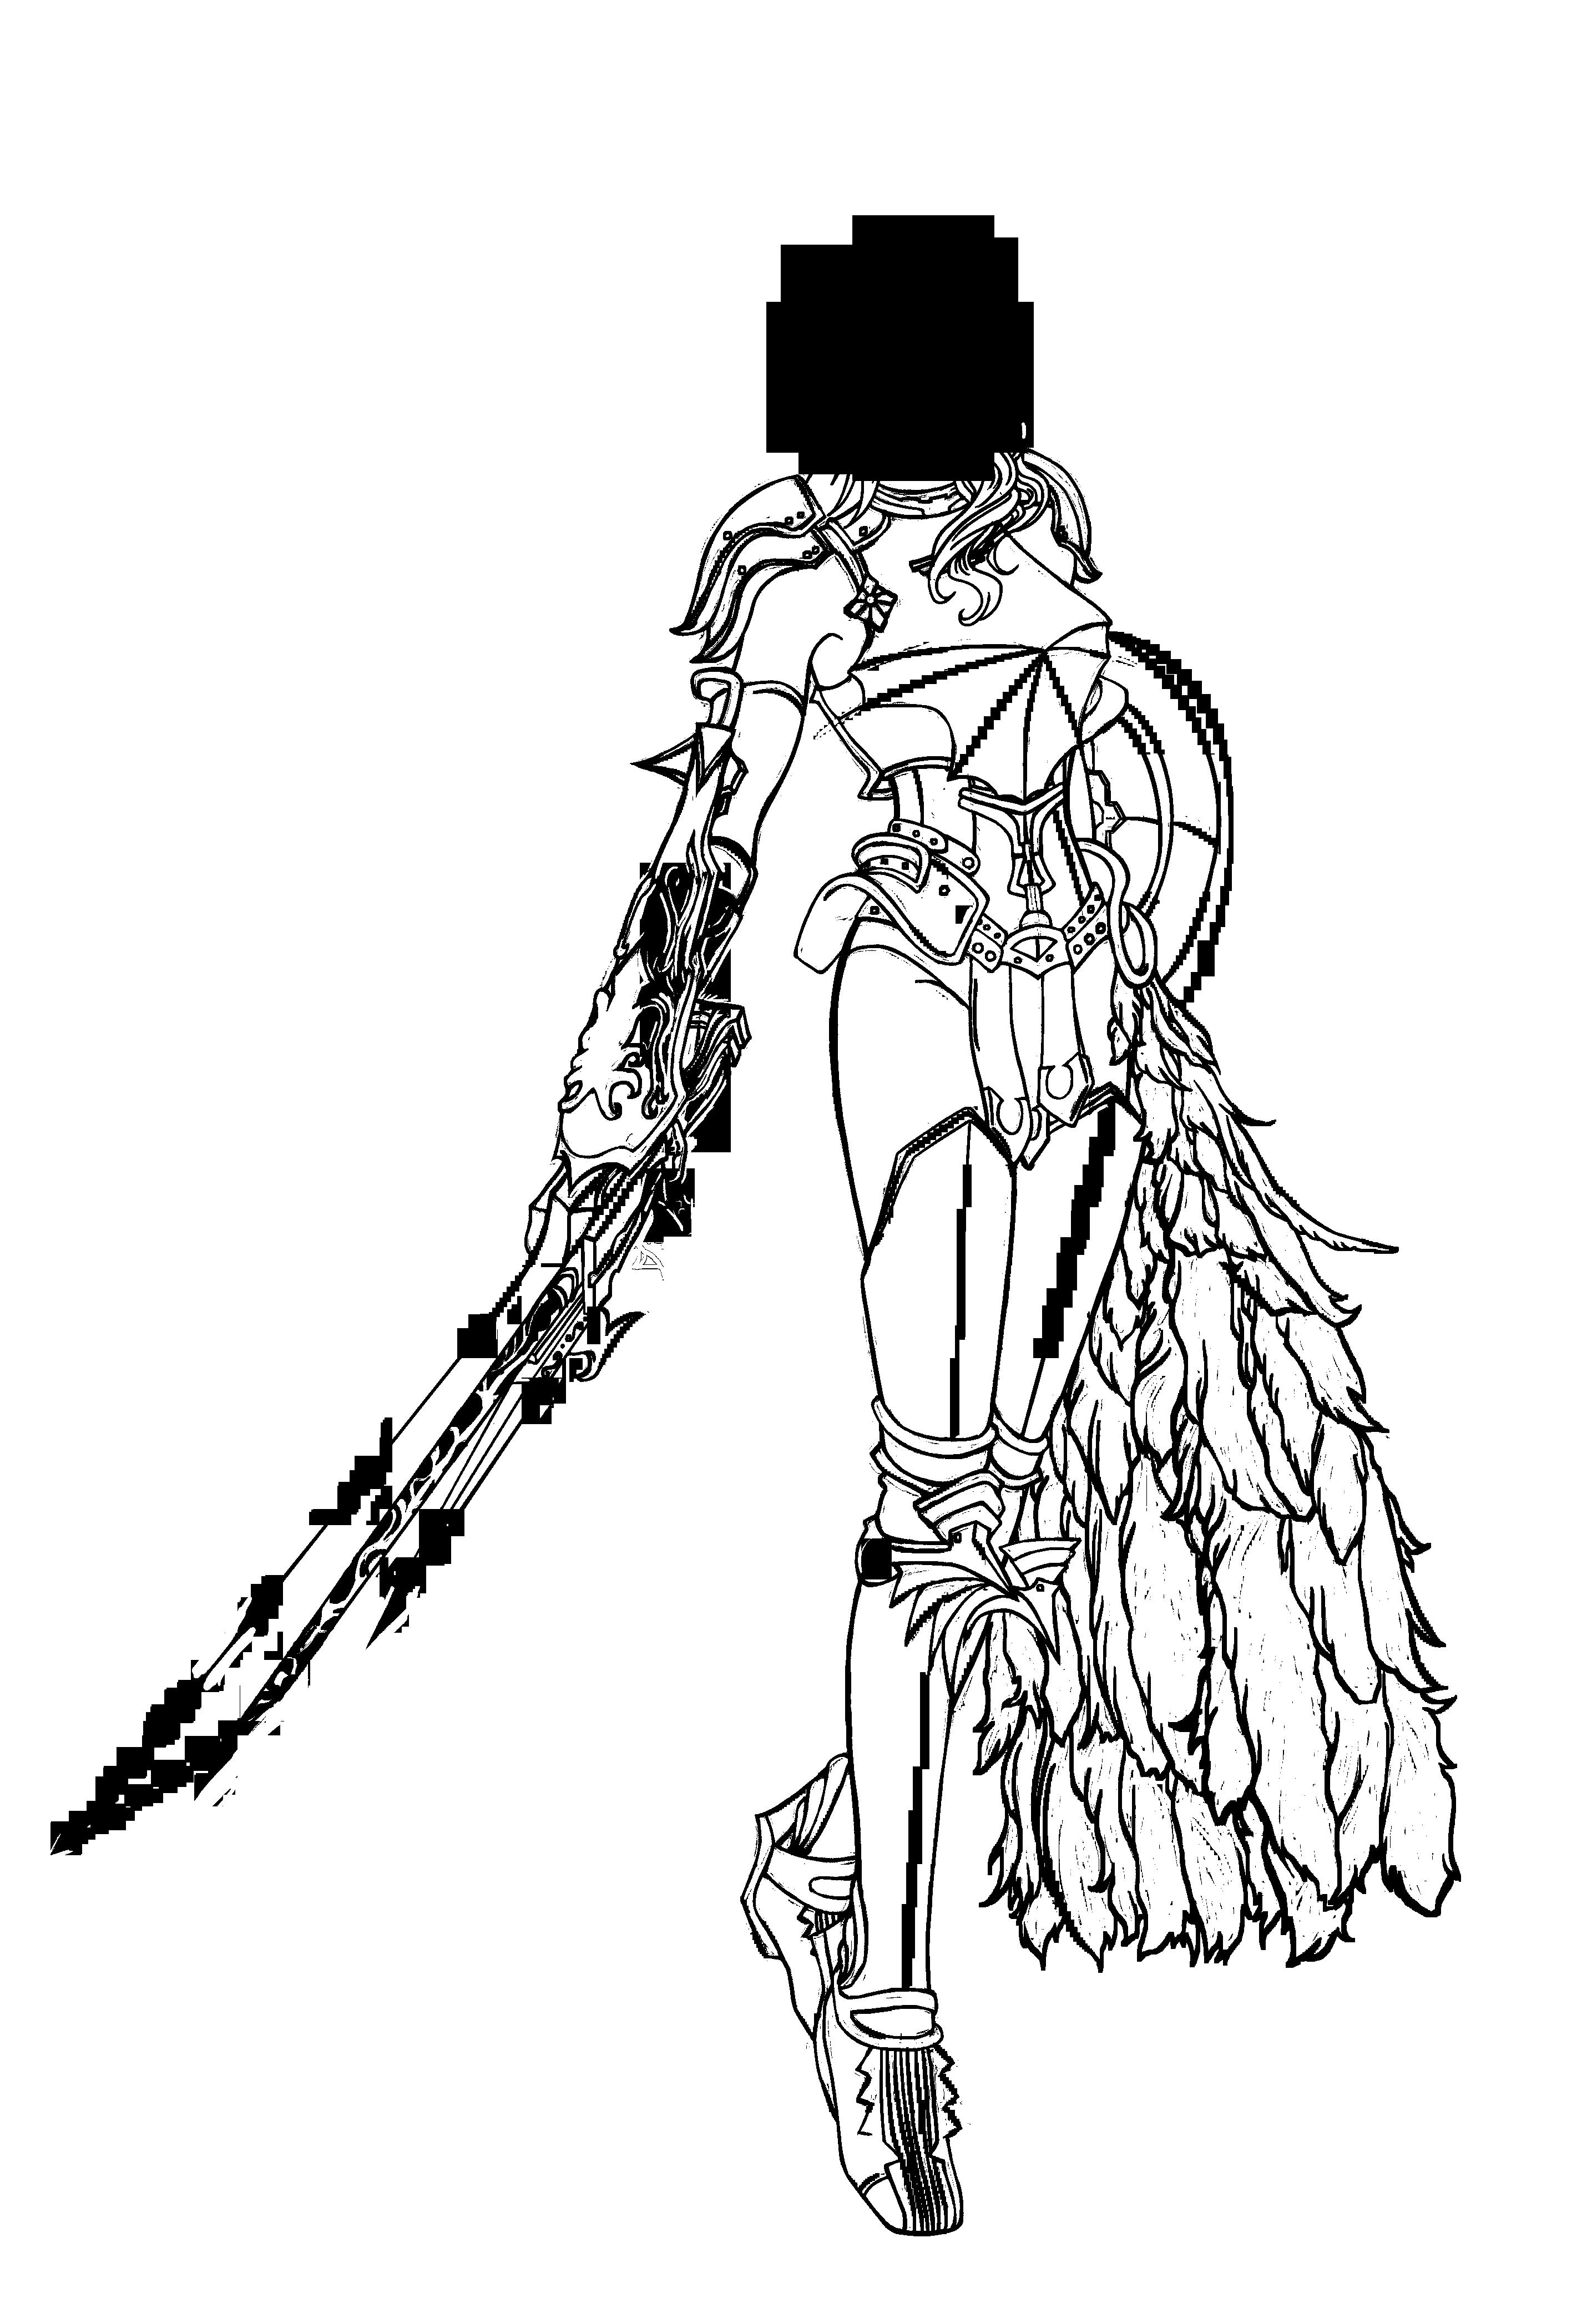 Line Art Characters : Anime lightning farron line art by gem on deviantart